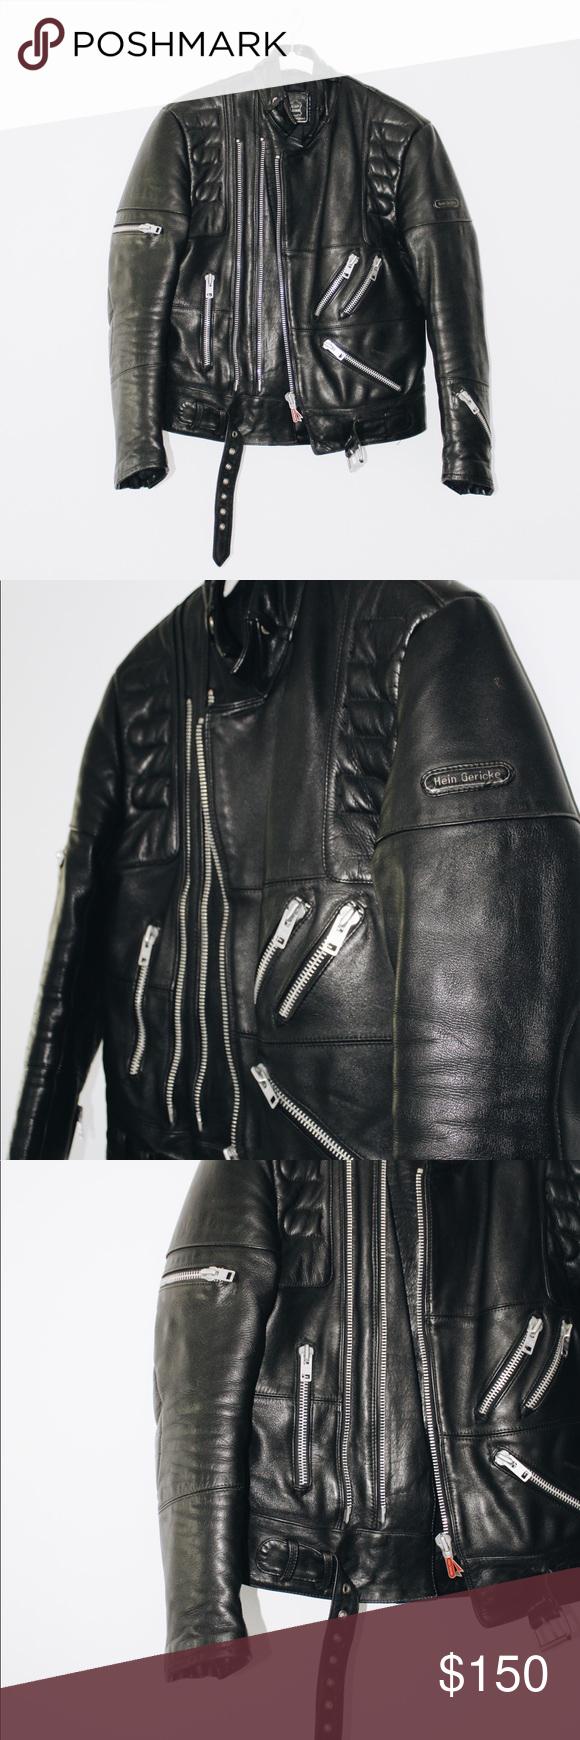 Hein Gericke Vintage Leather Motorcycle Jacket Vintage